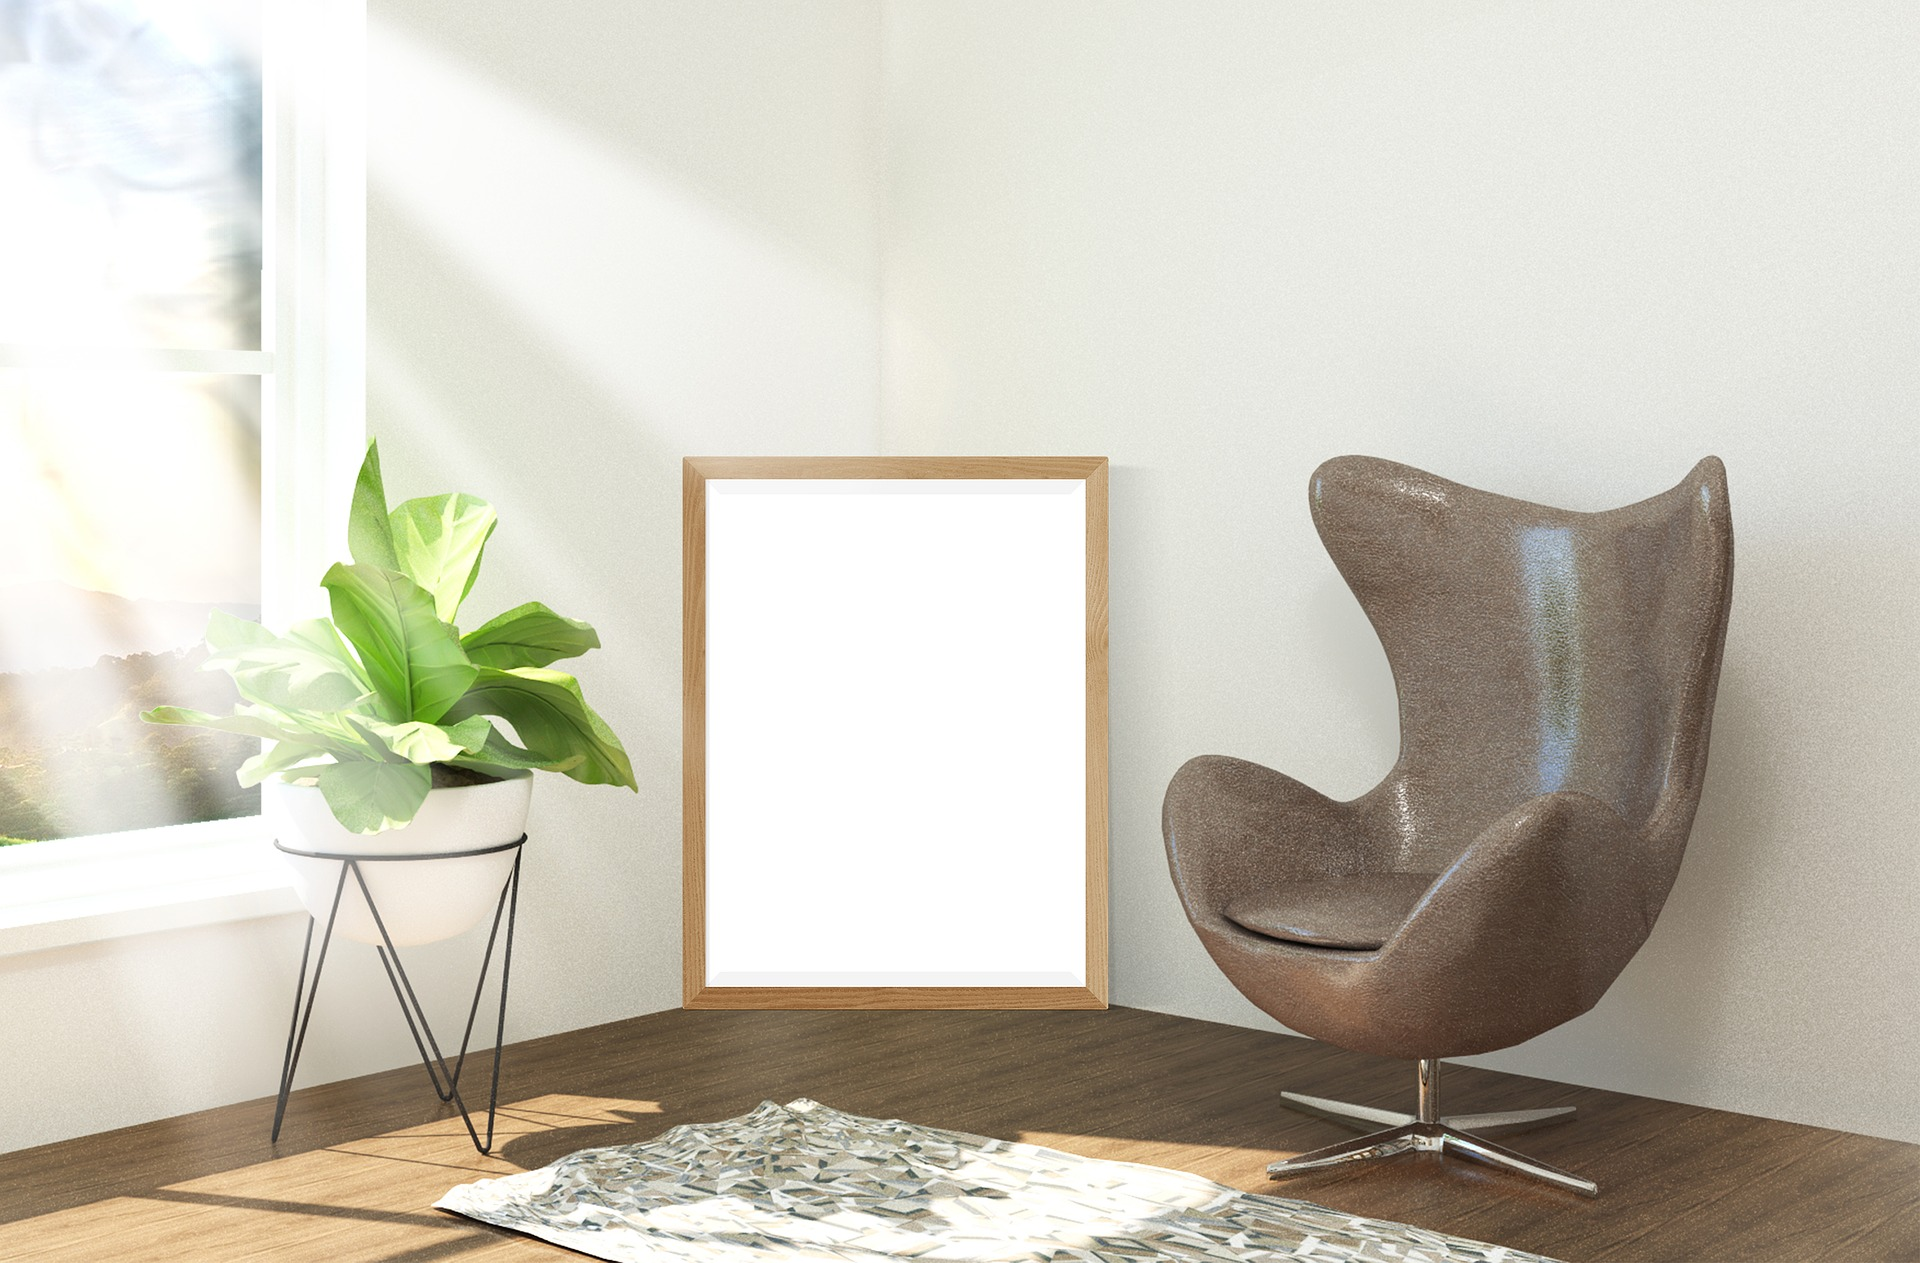 Arredare il soggiorno con una poltrona di design: Egg chair